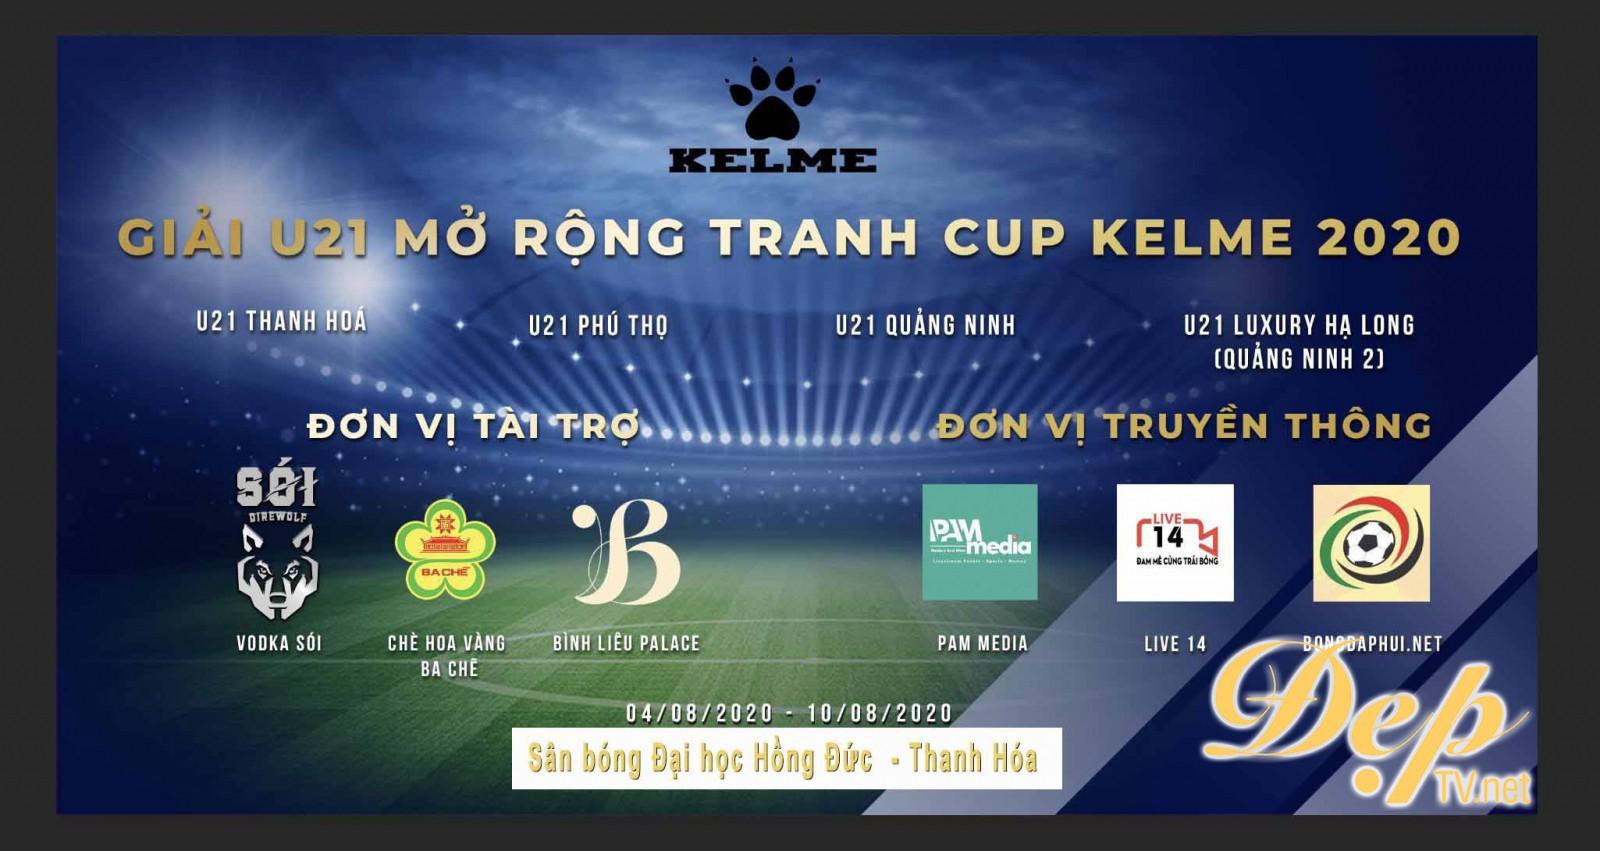 Giải bóng đá U21 mở rộng – tranh cúp Kelme 2020 hứa hẹn làm